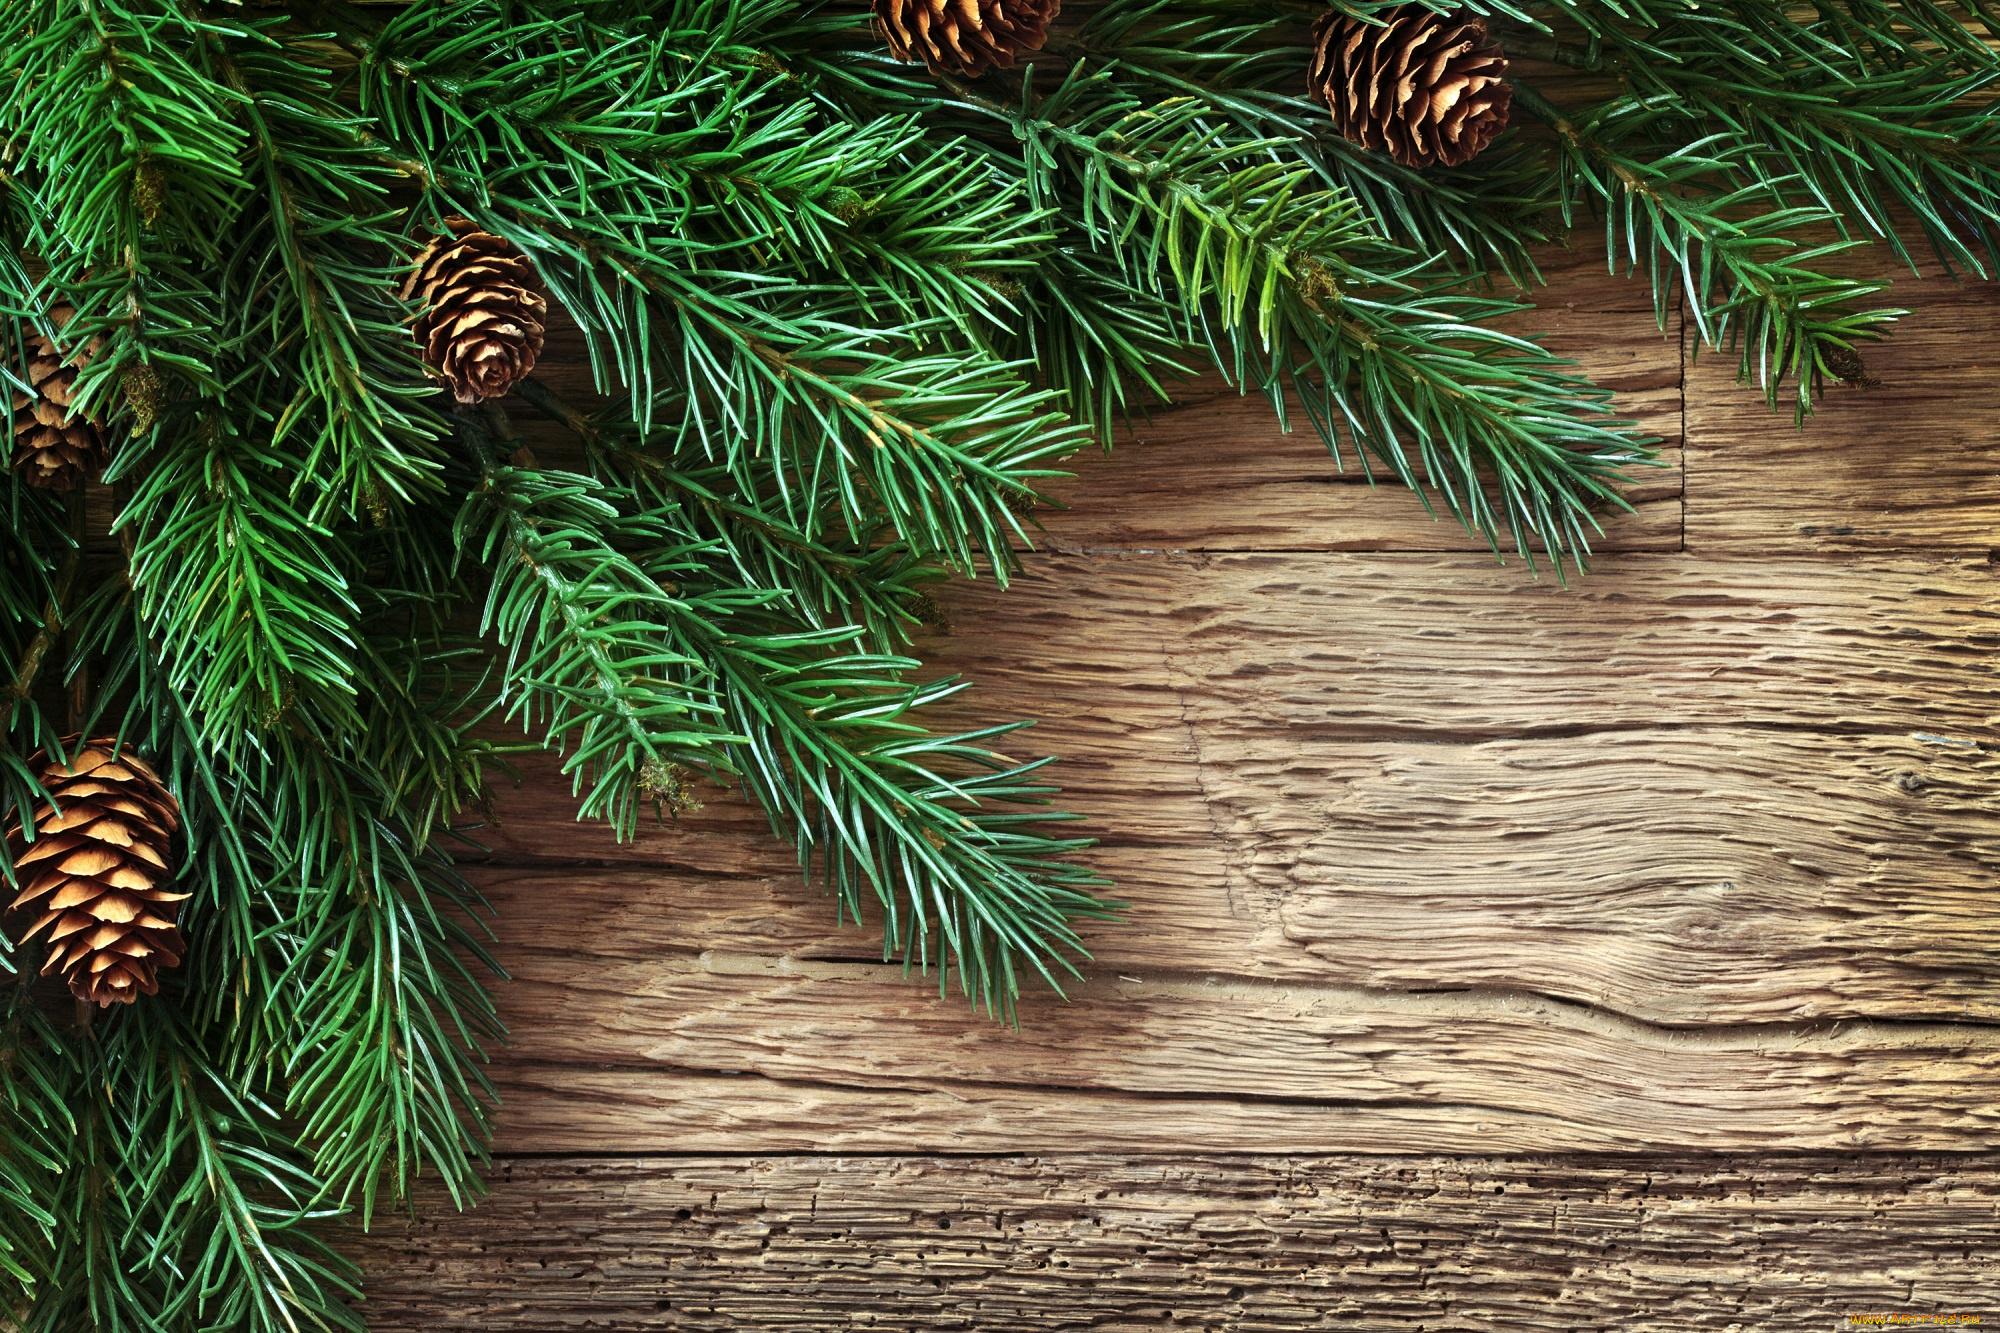 Картинка с еловыми ветками, для фона днем